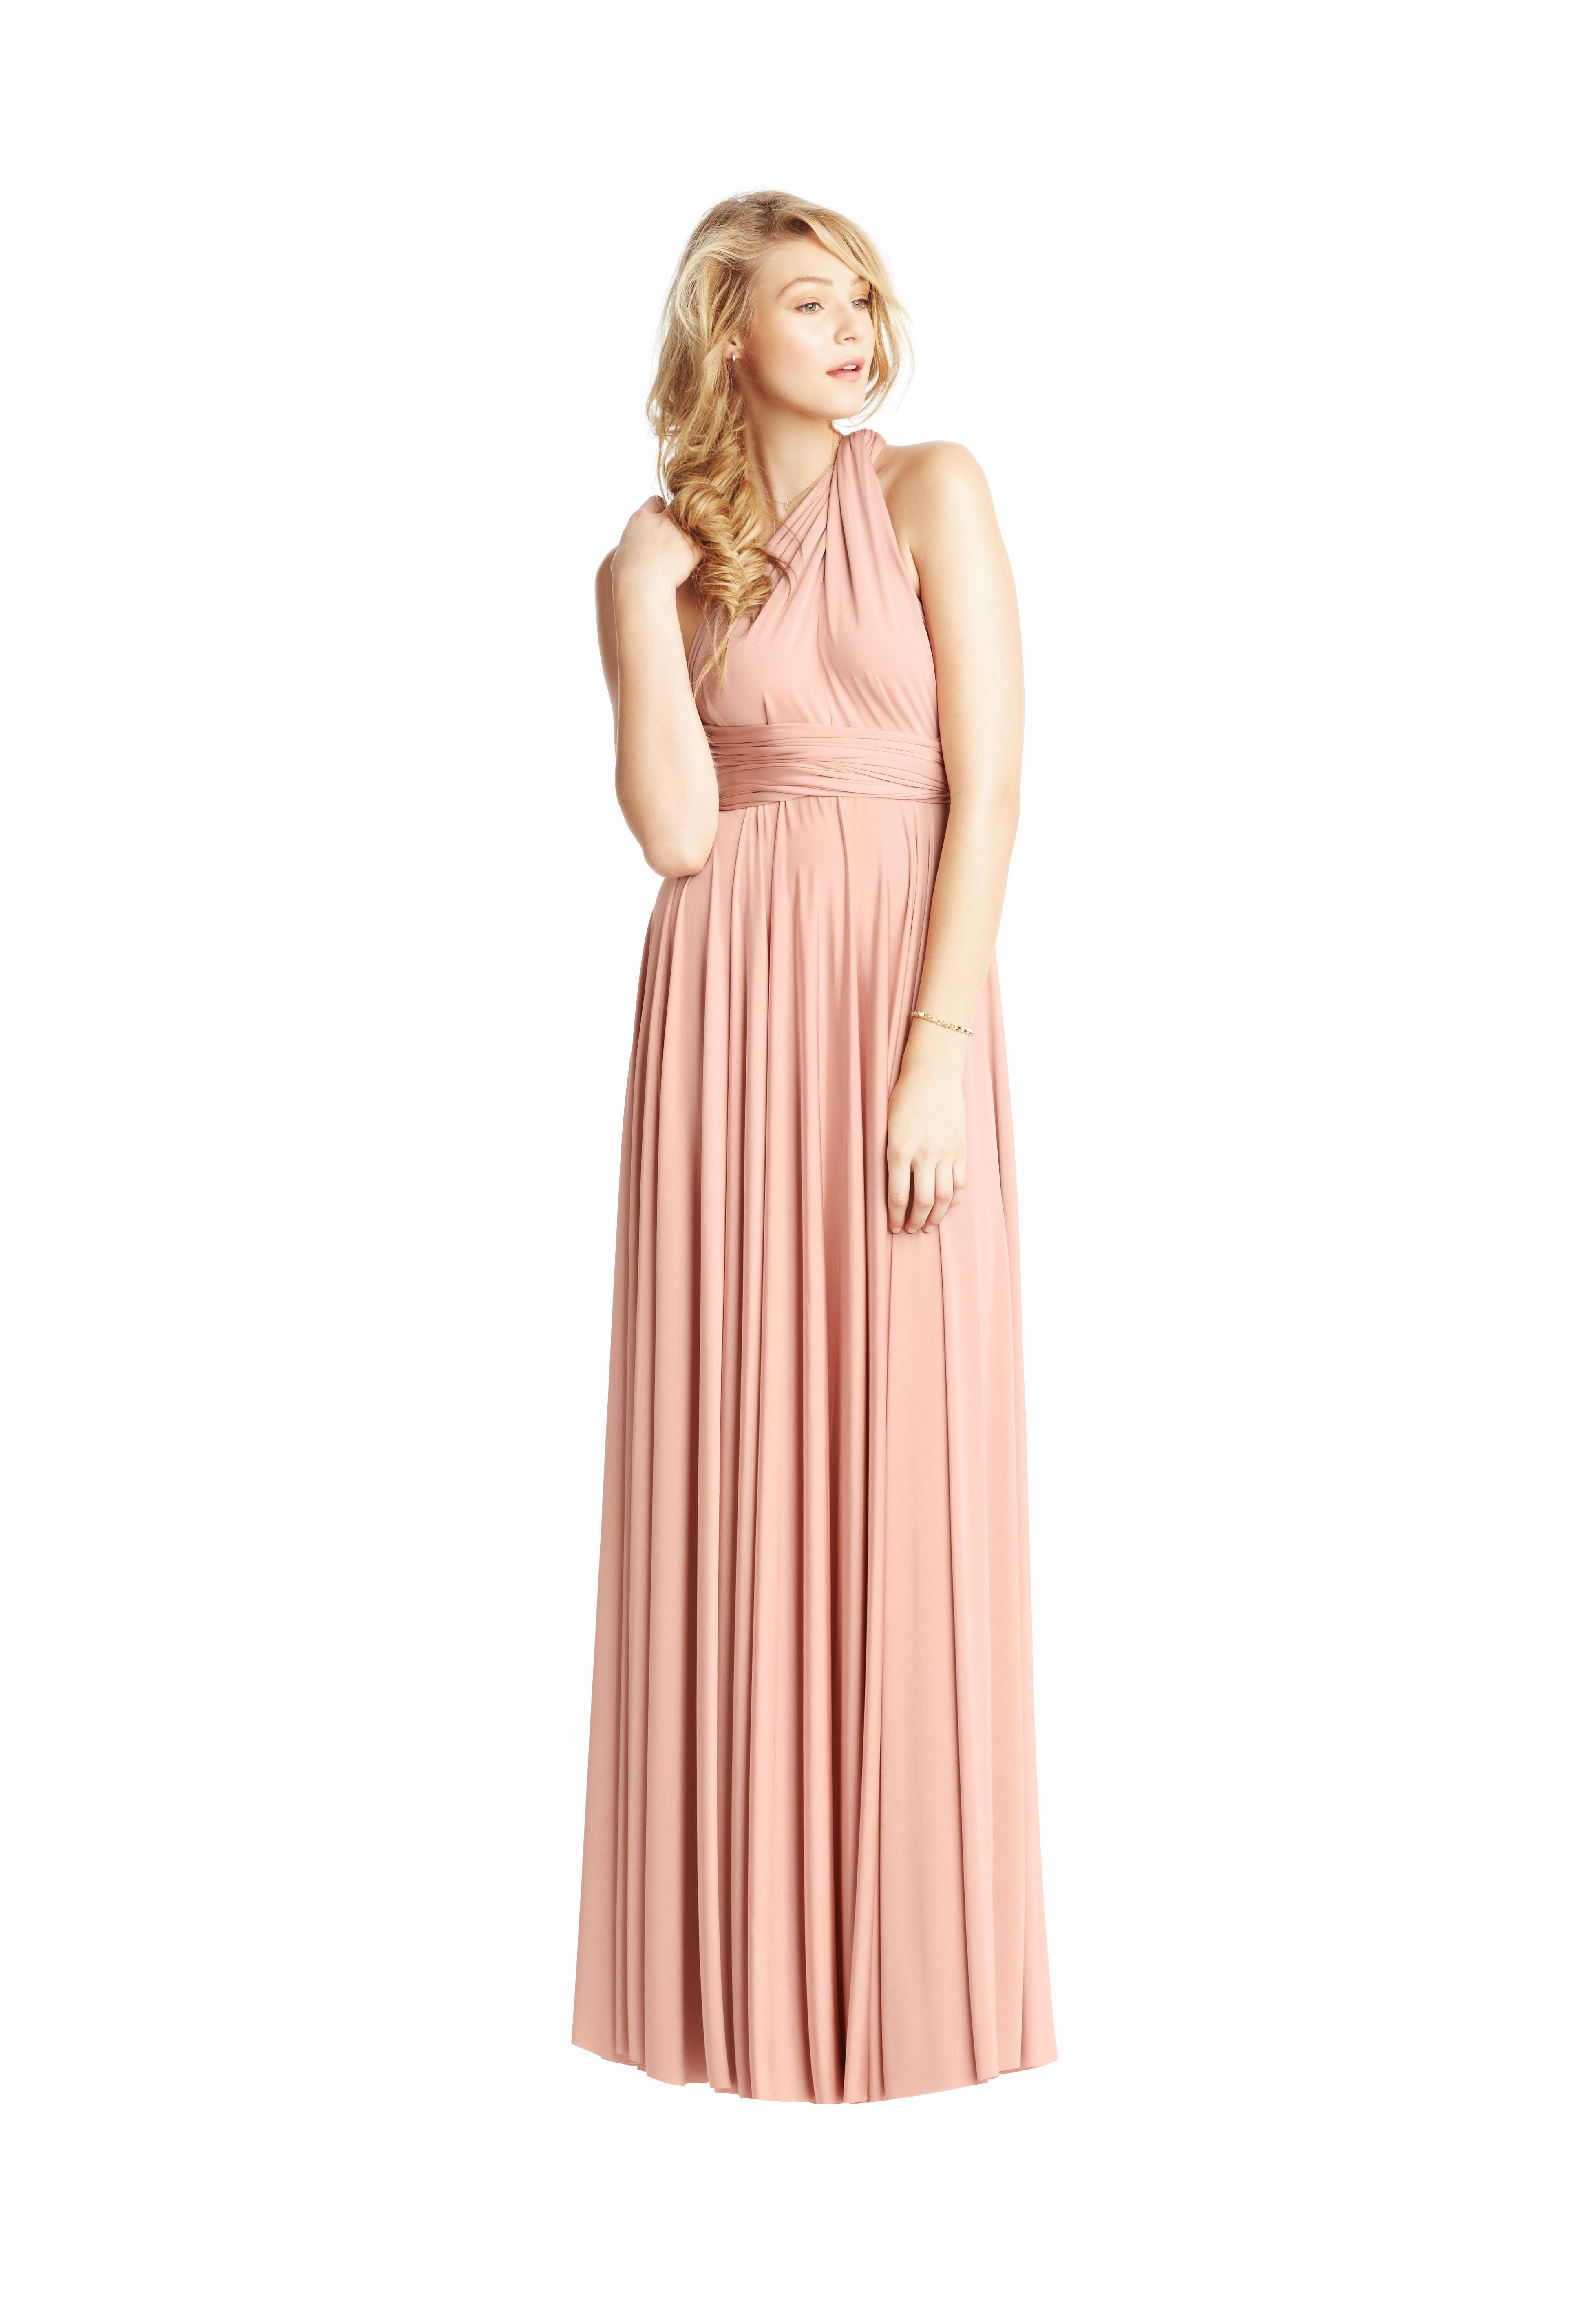 Blush Classic Ballgown